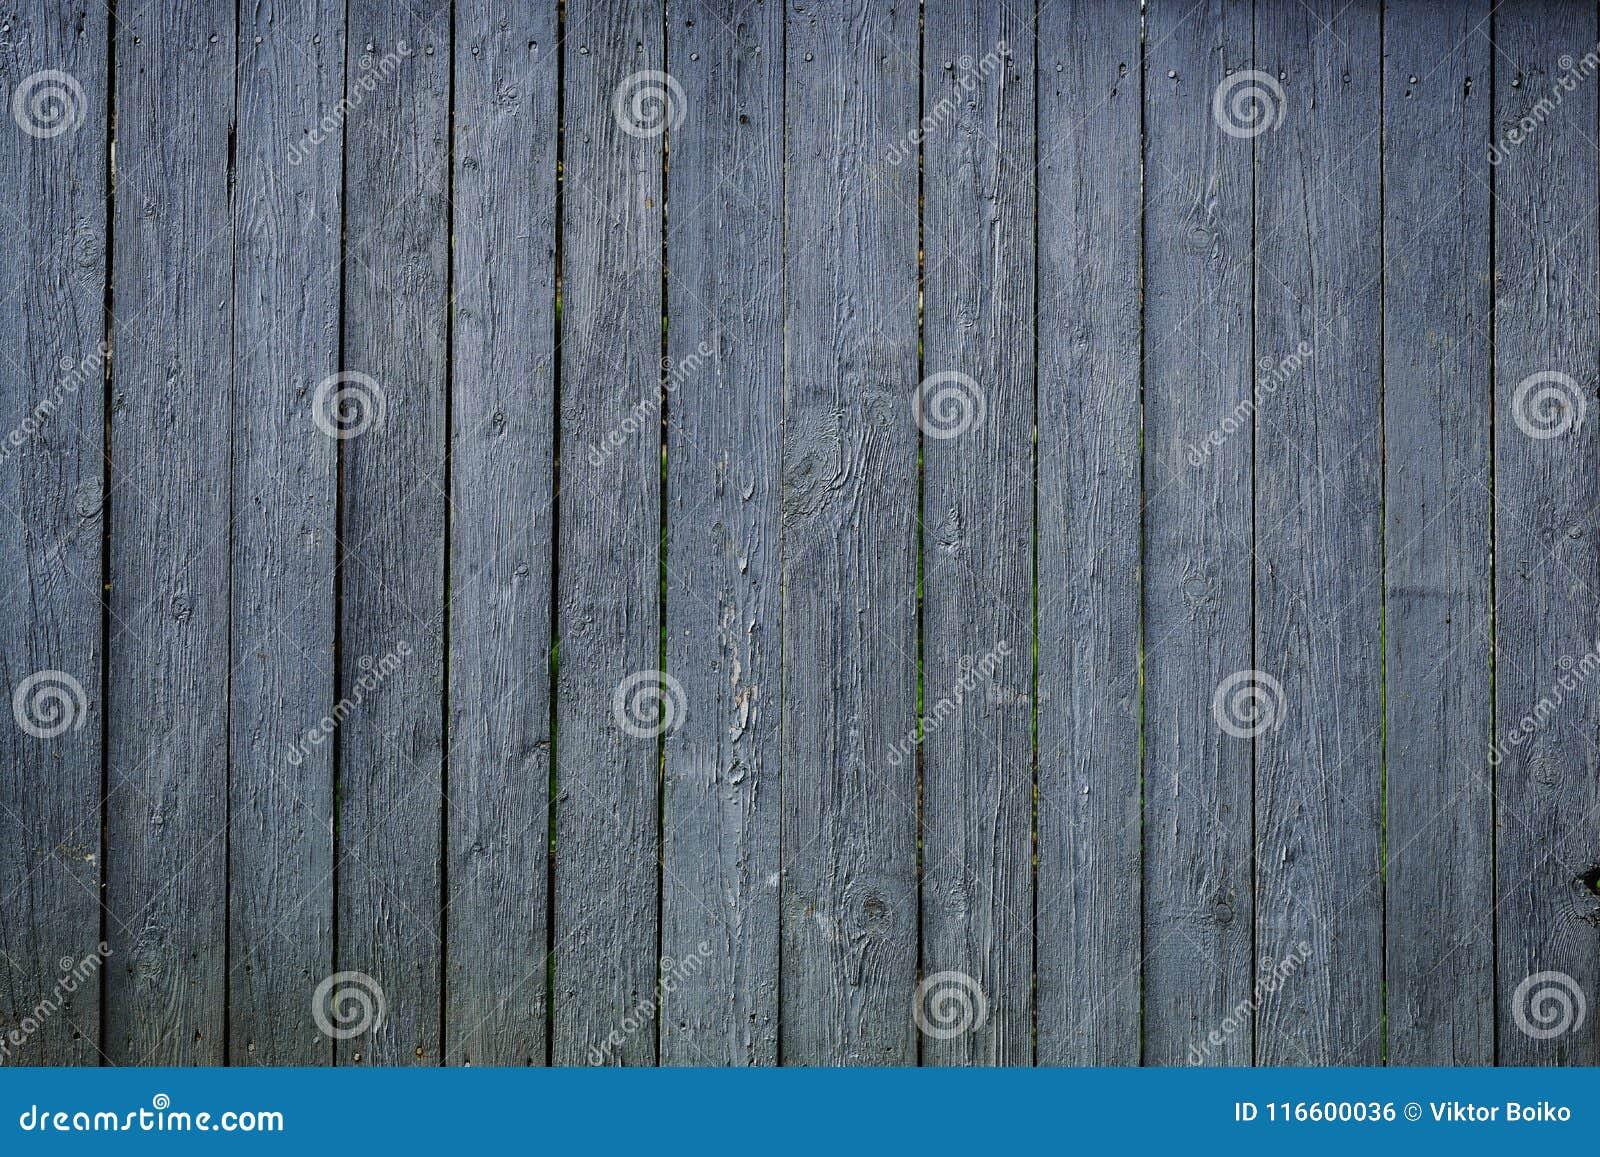 Stary drewniany deski tekstury tło